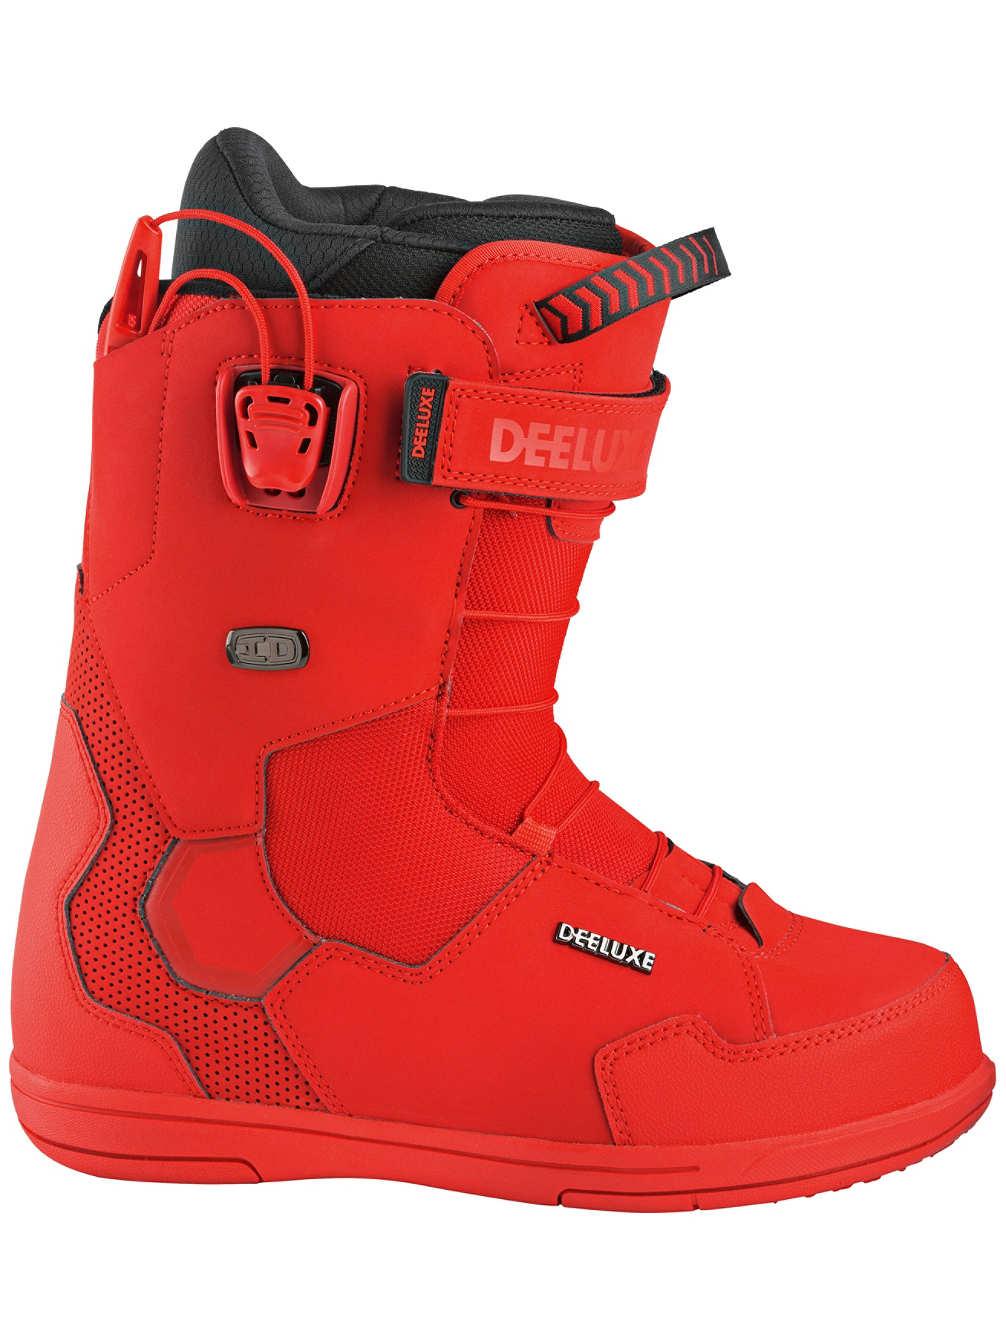 ID PF 2020 Snowboardboots Bloodline